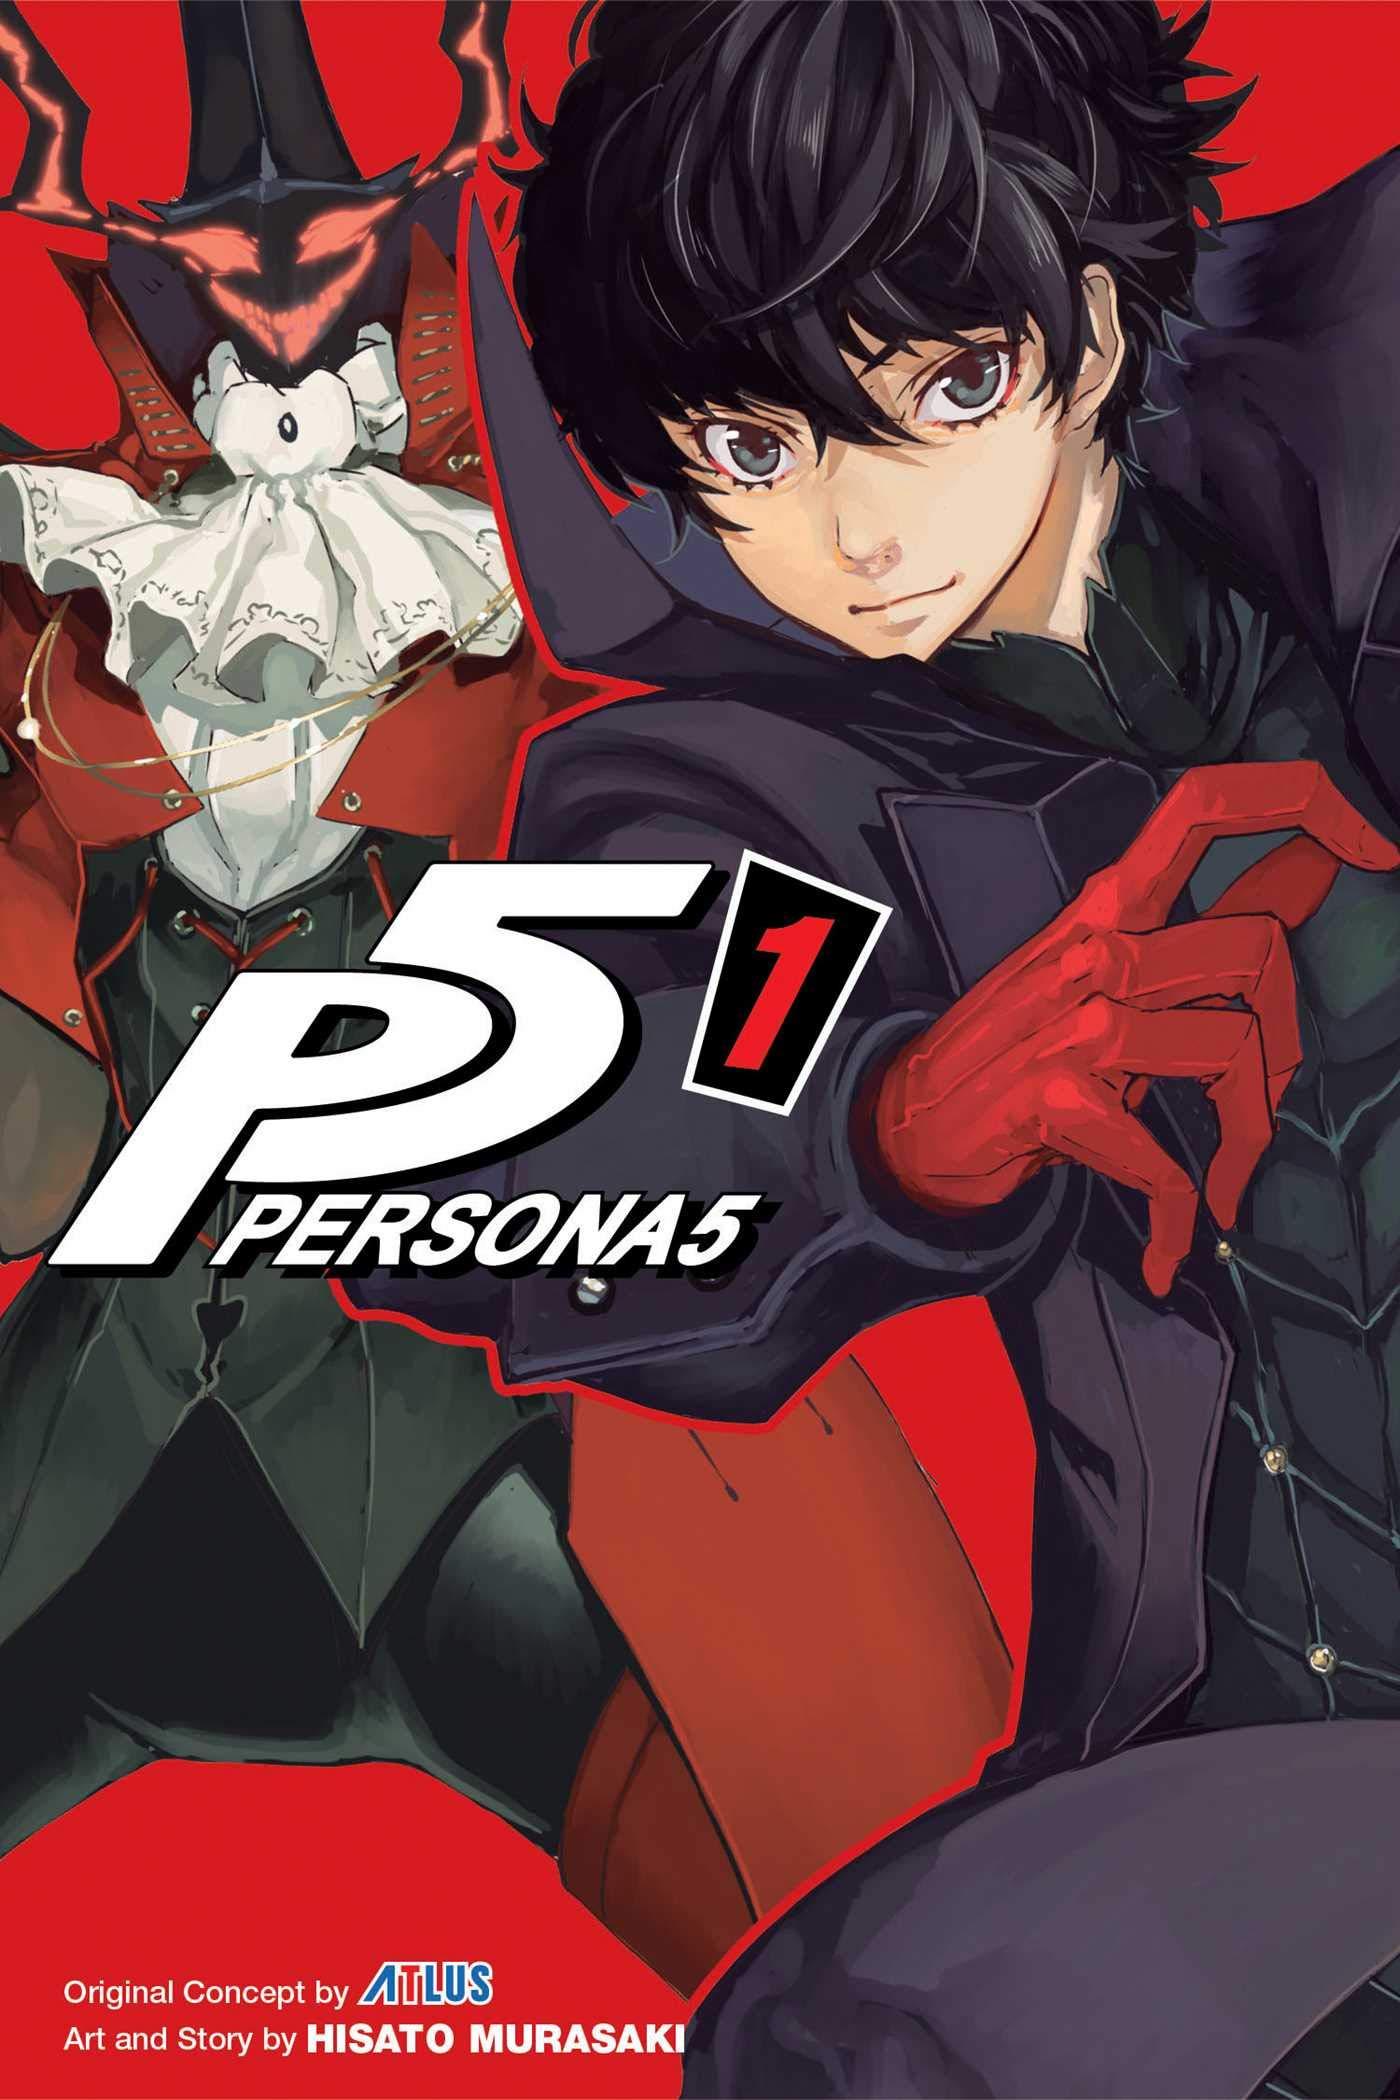 Persona 5 Vol. 1